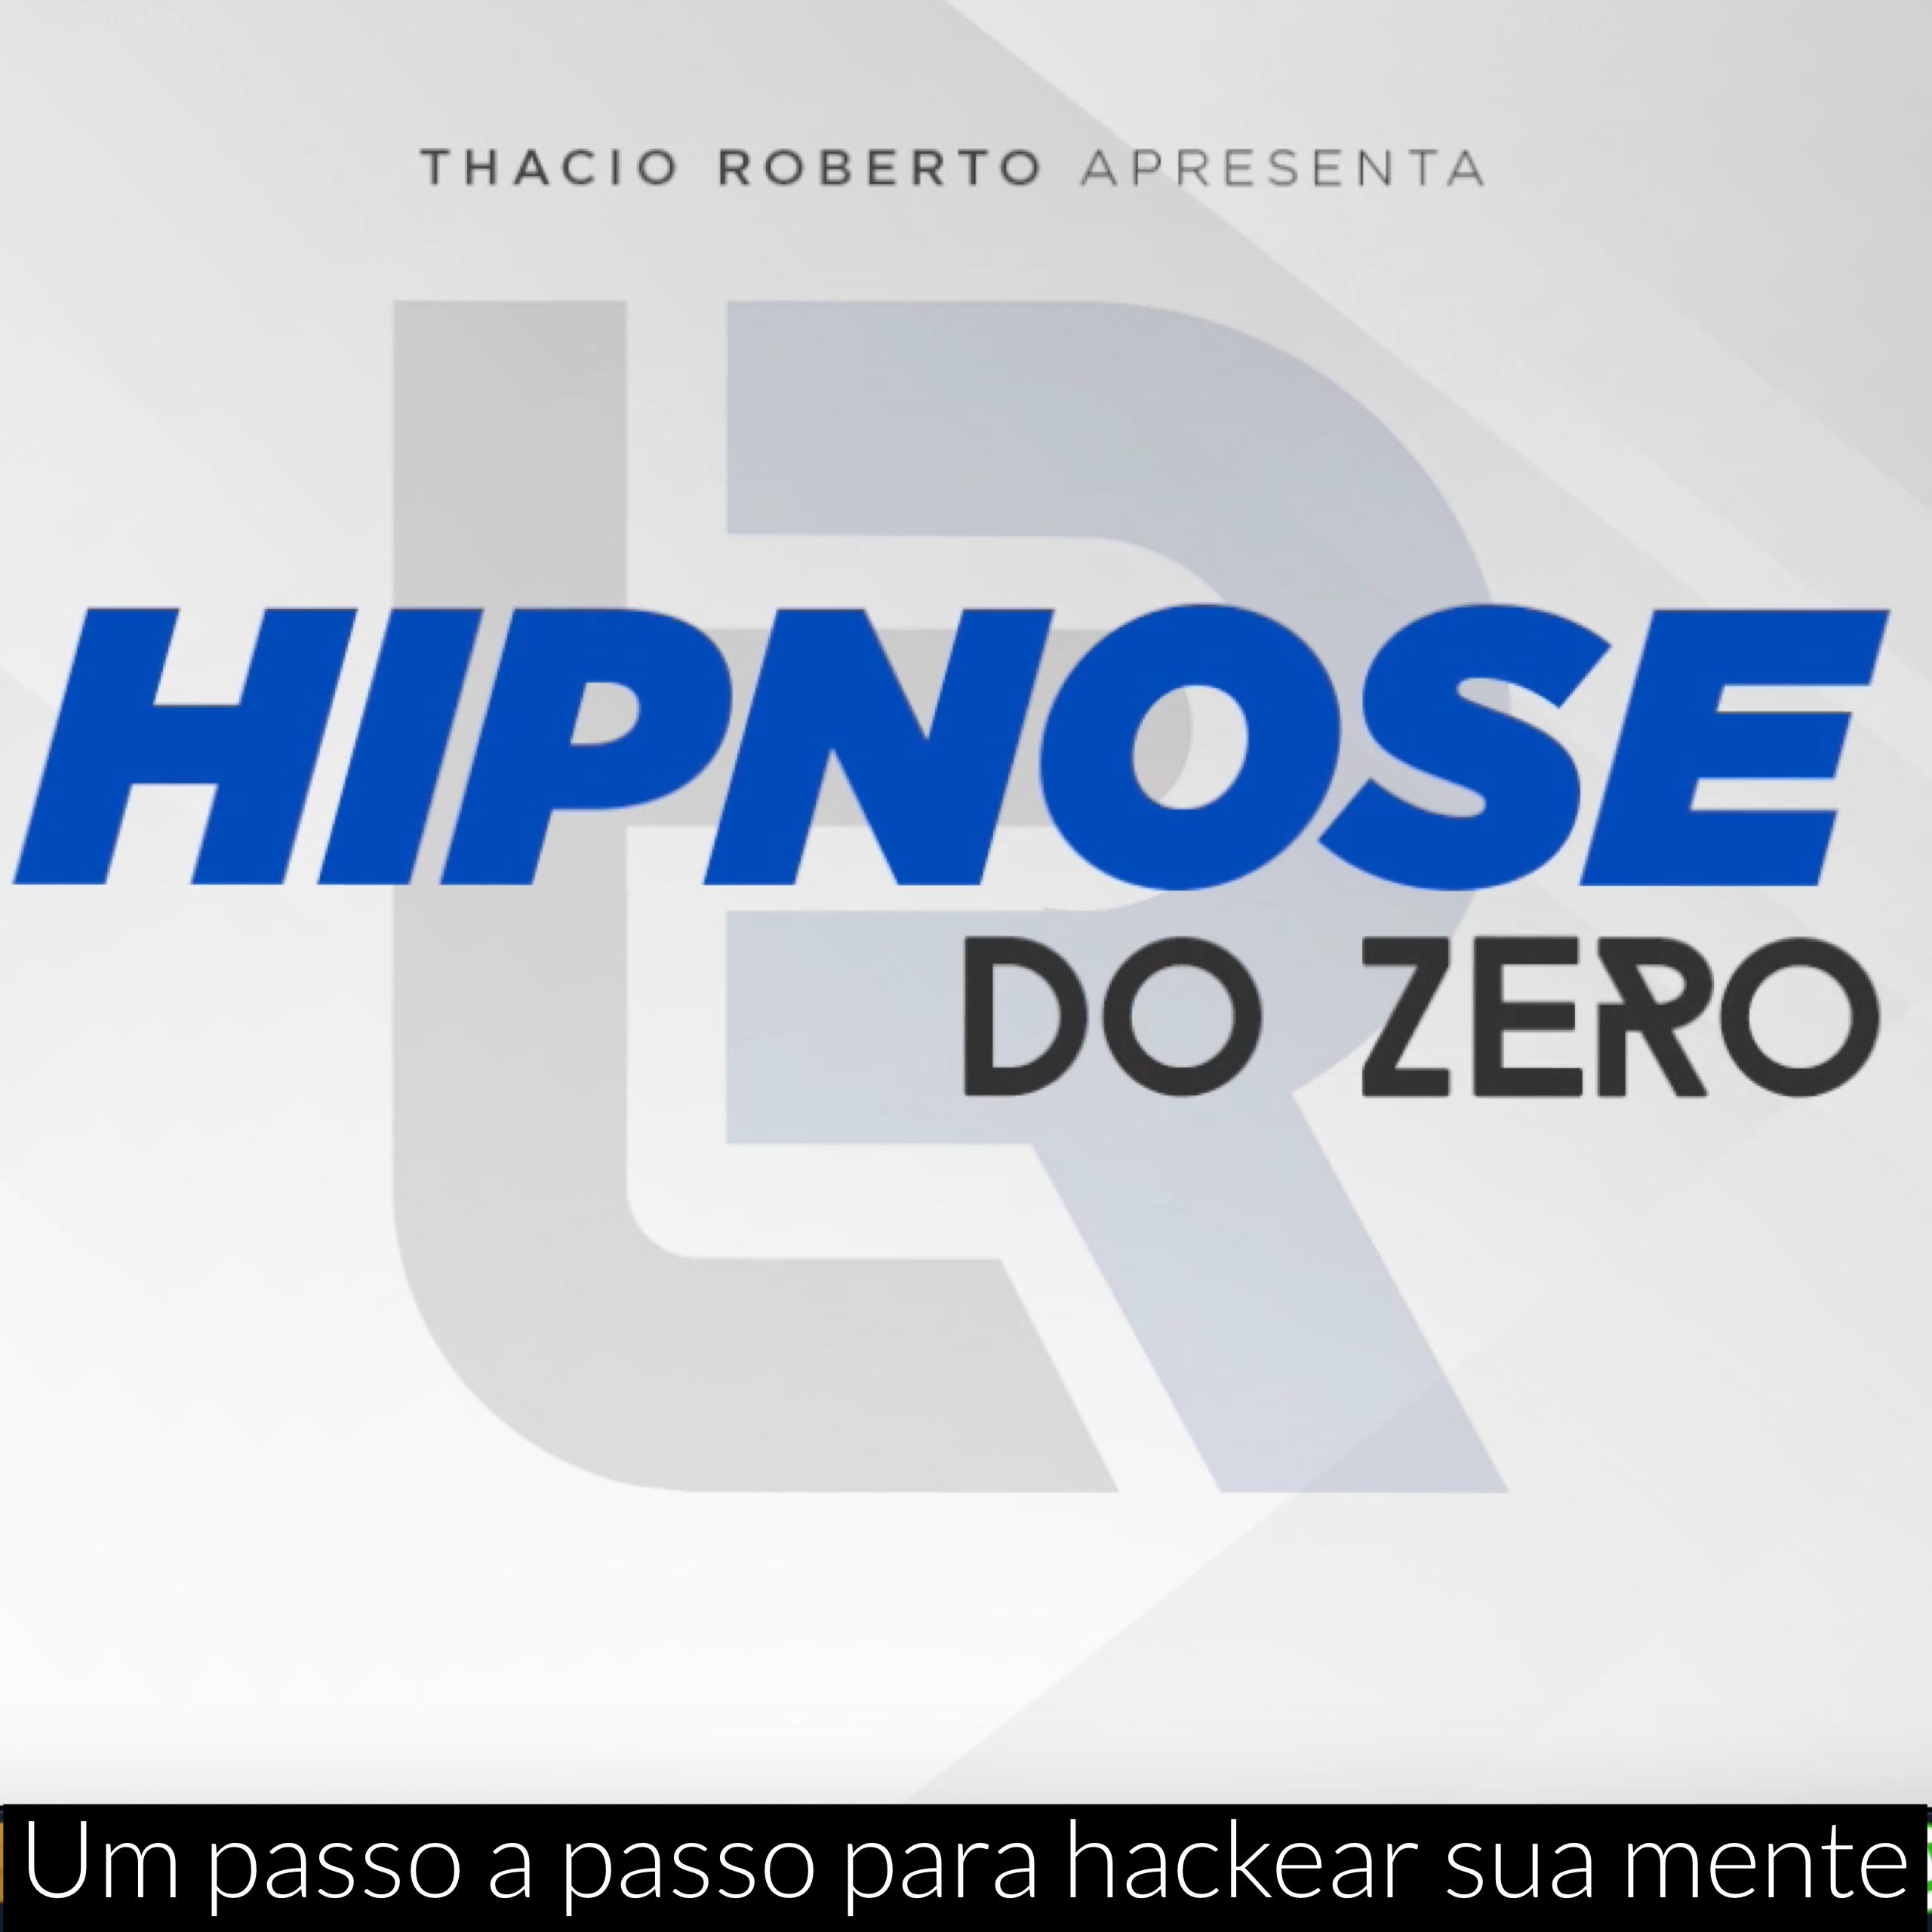 Hipnose do ZERO